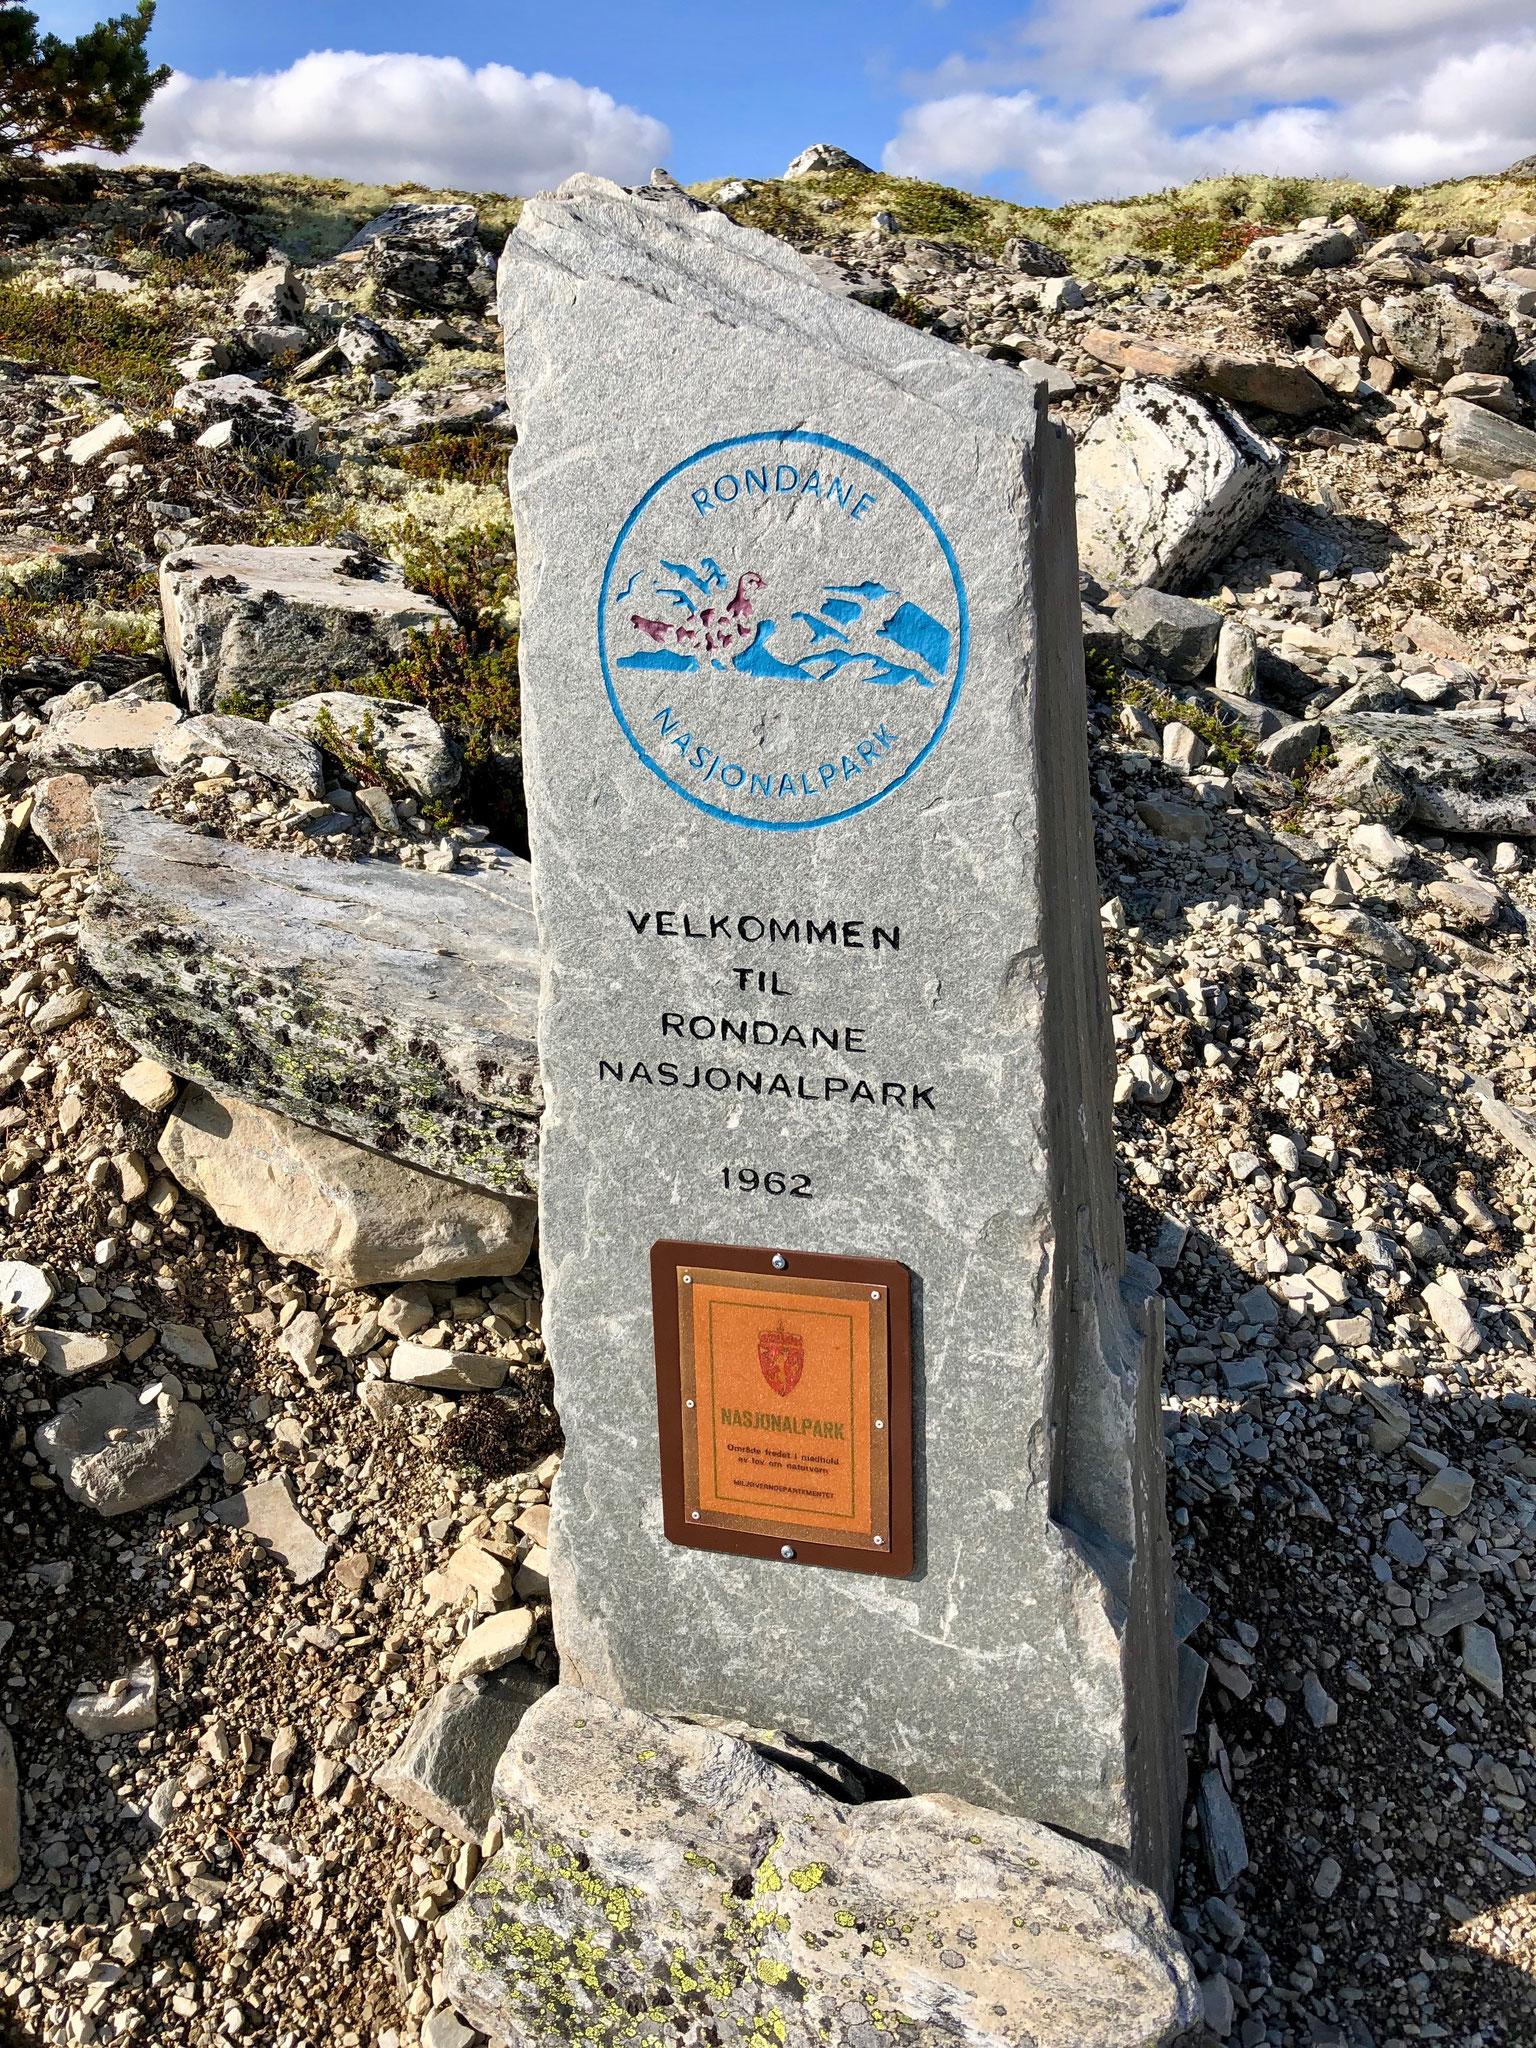 Ein Traum wird war, endlich im Rondane National Park!